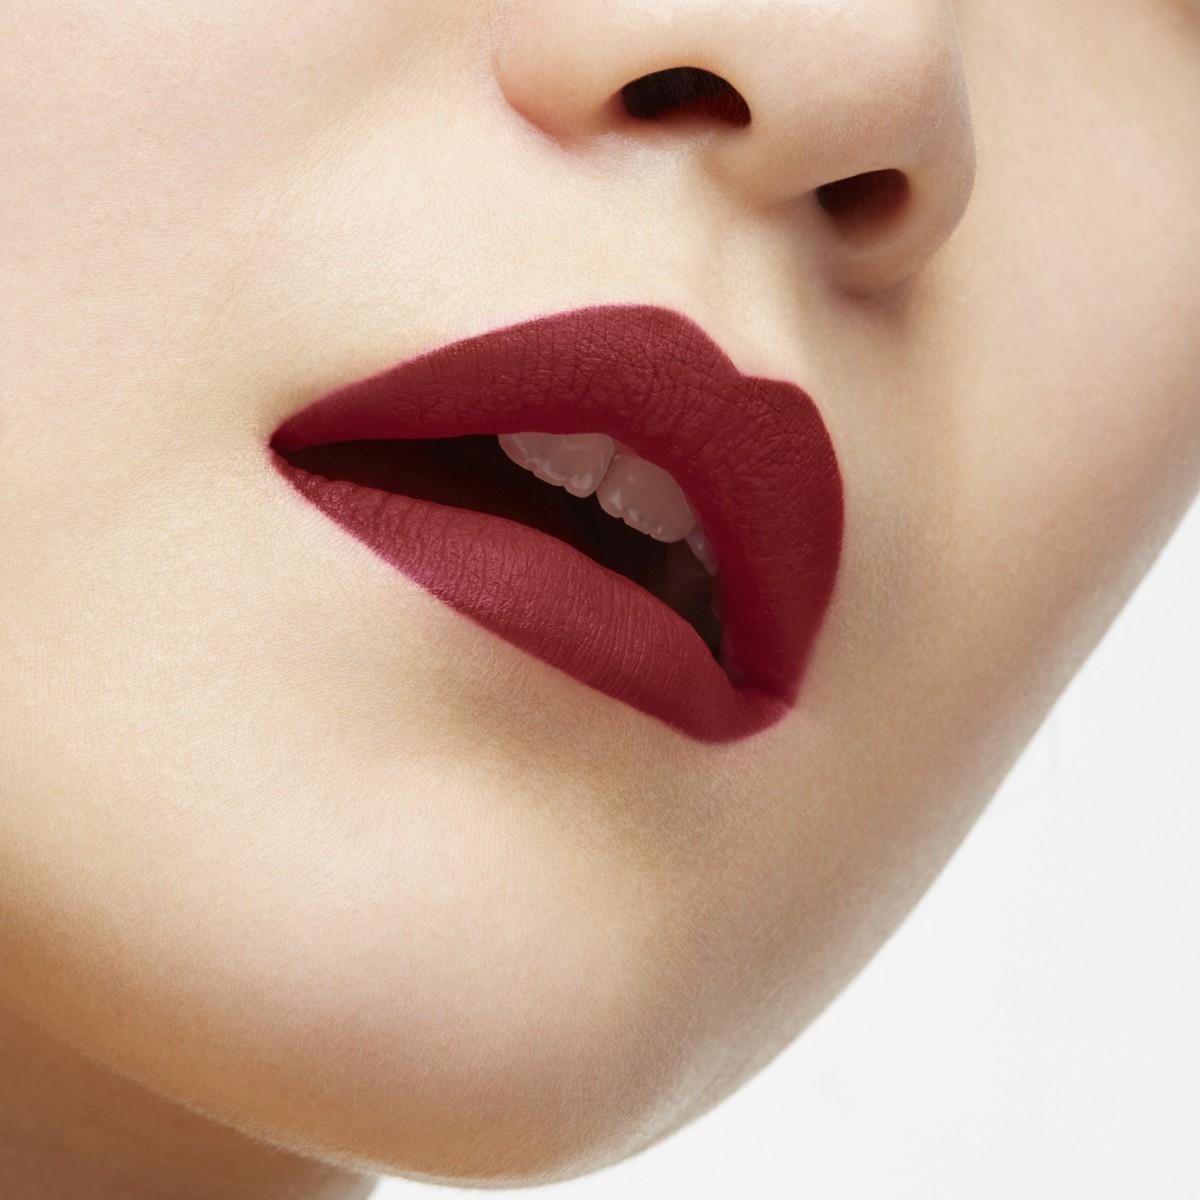 Beauty - Jackie Velvet Matte - Christian Louboutin